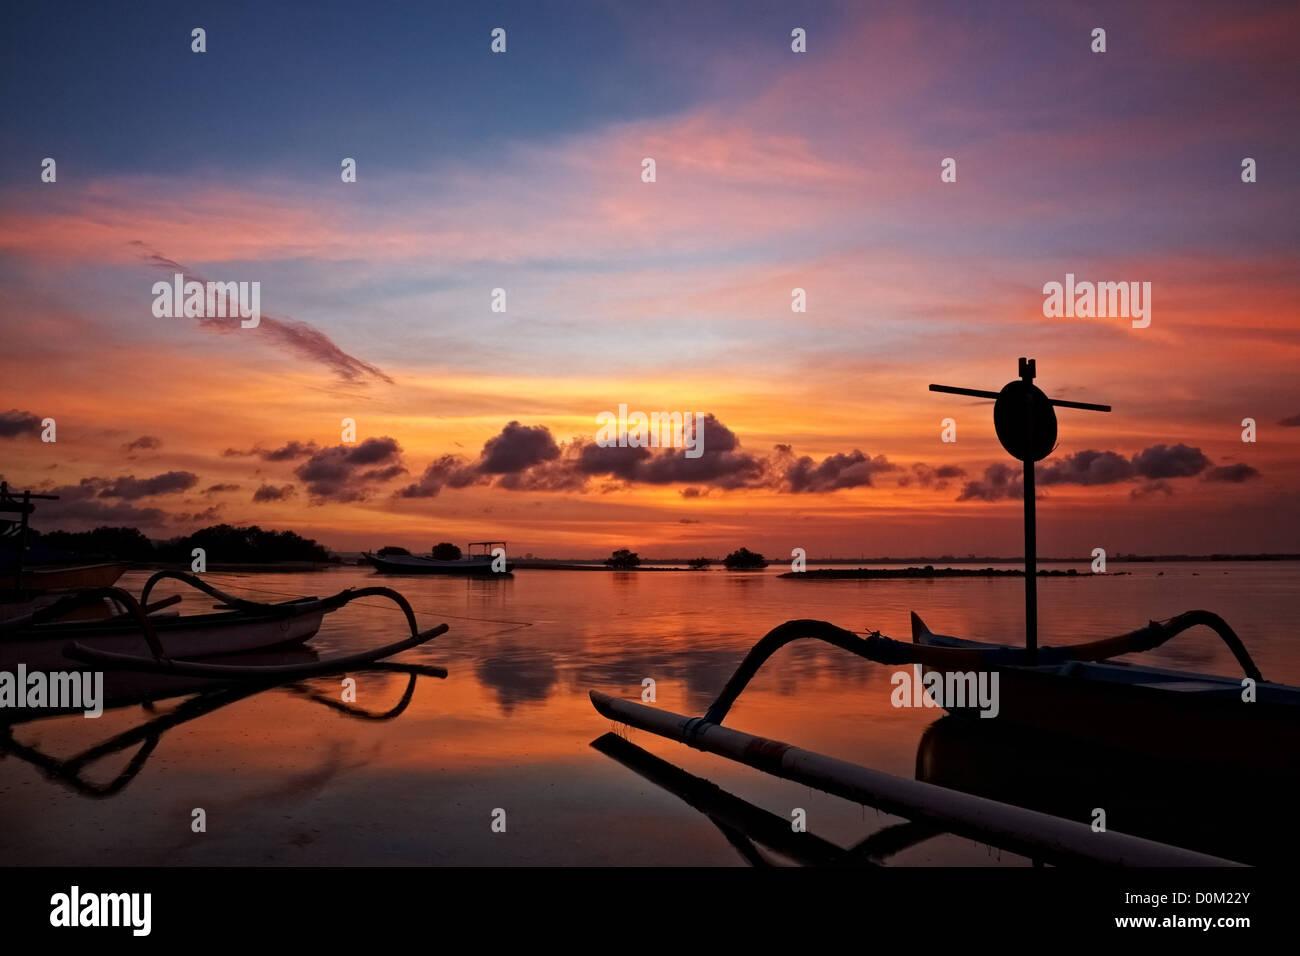 Atardecer en barcos de pesca tradicional en Bali, Indonesia Imagen De Stock